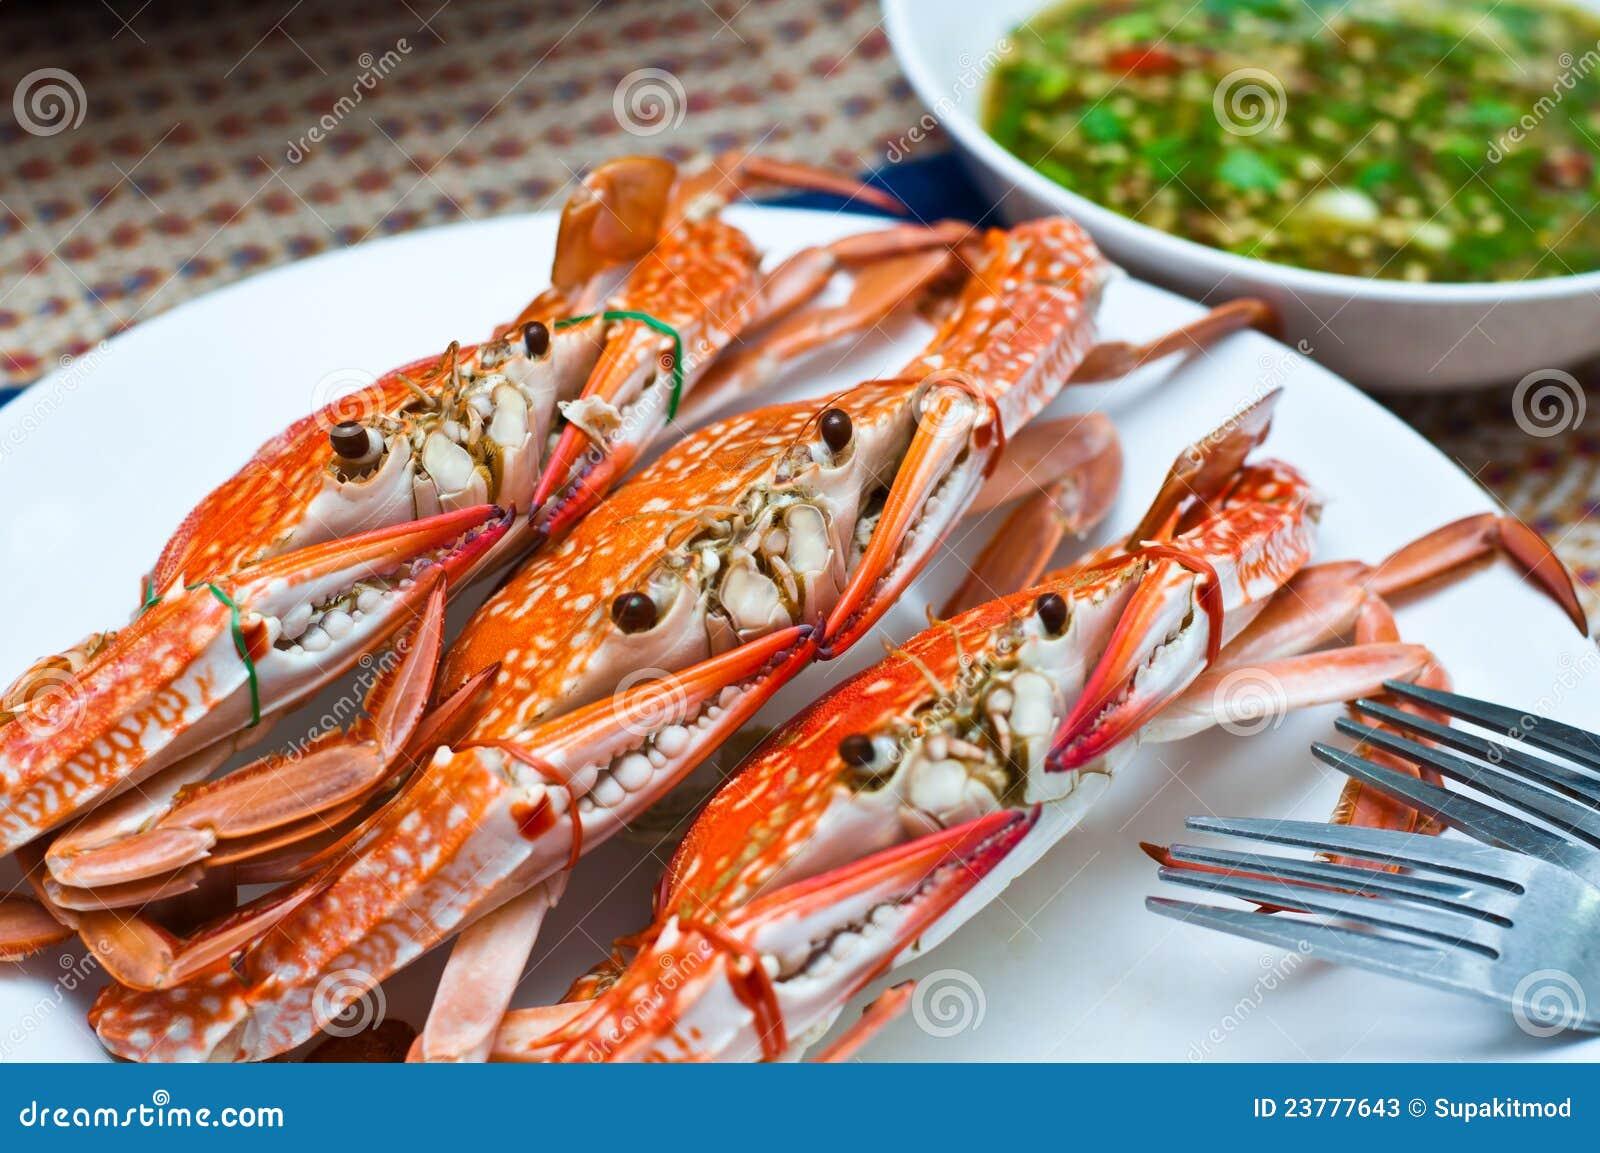 Mariscos locales hervidos cangrejo